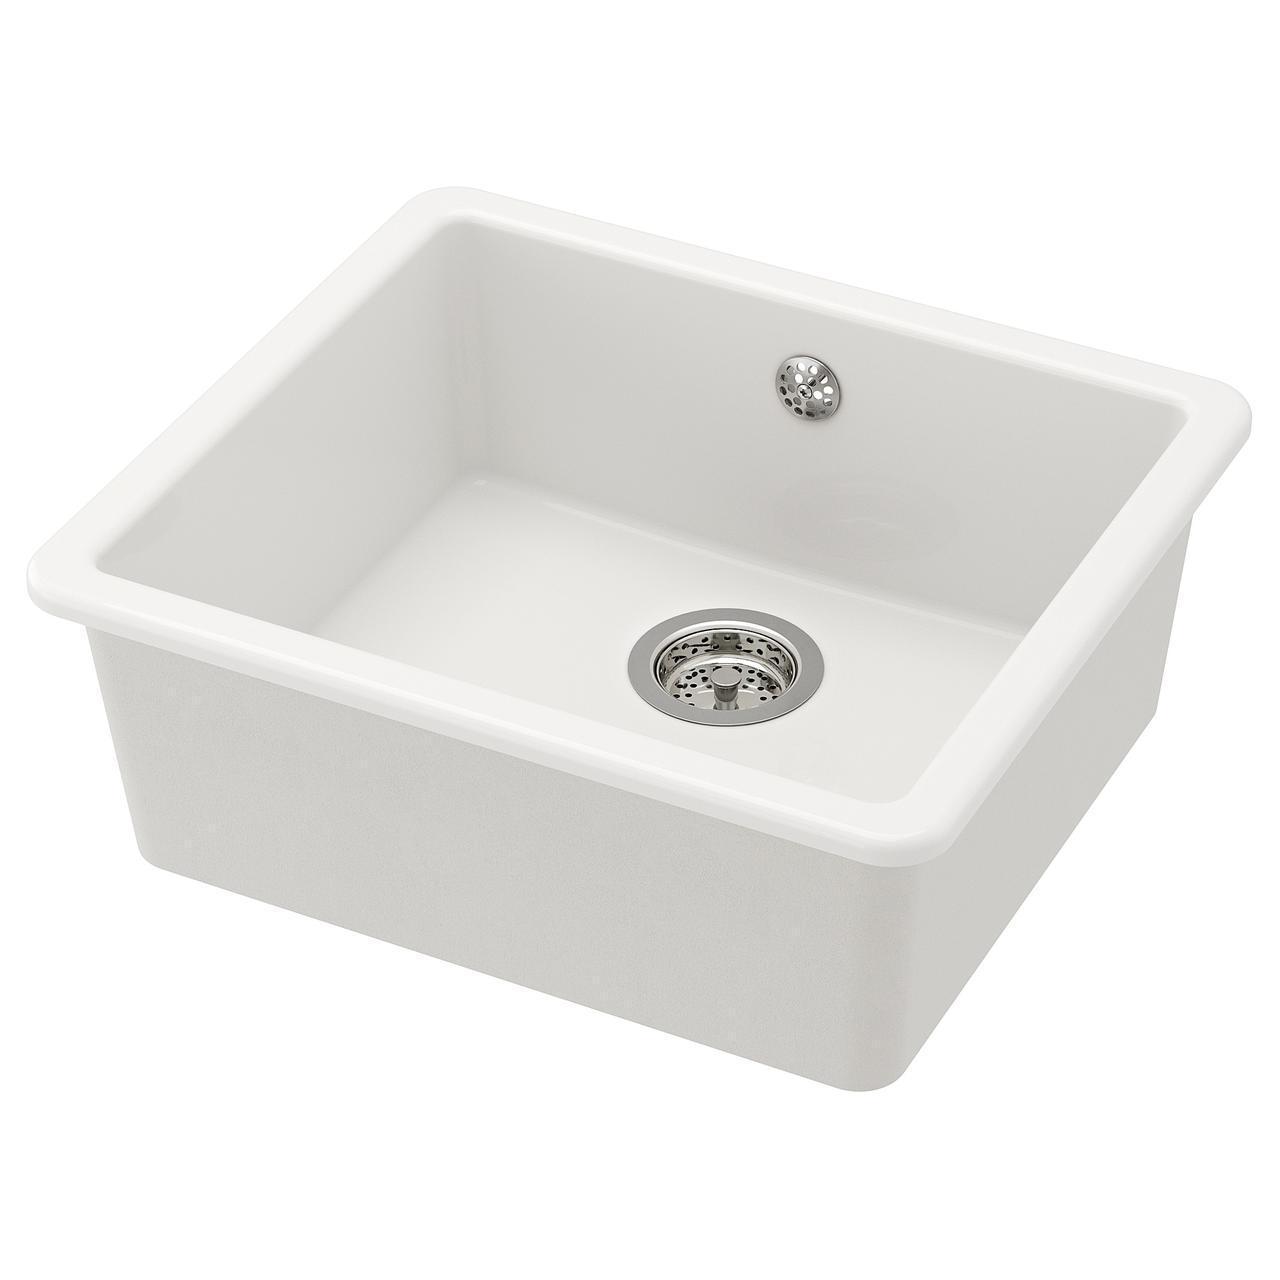 Раковина IKEA HAVSEN 53x47 см белая 392.537.13